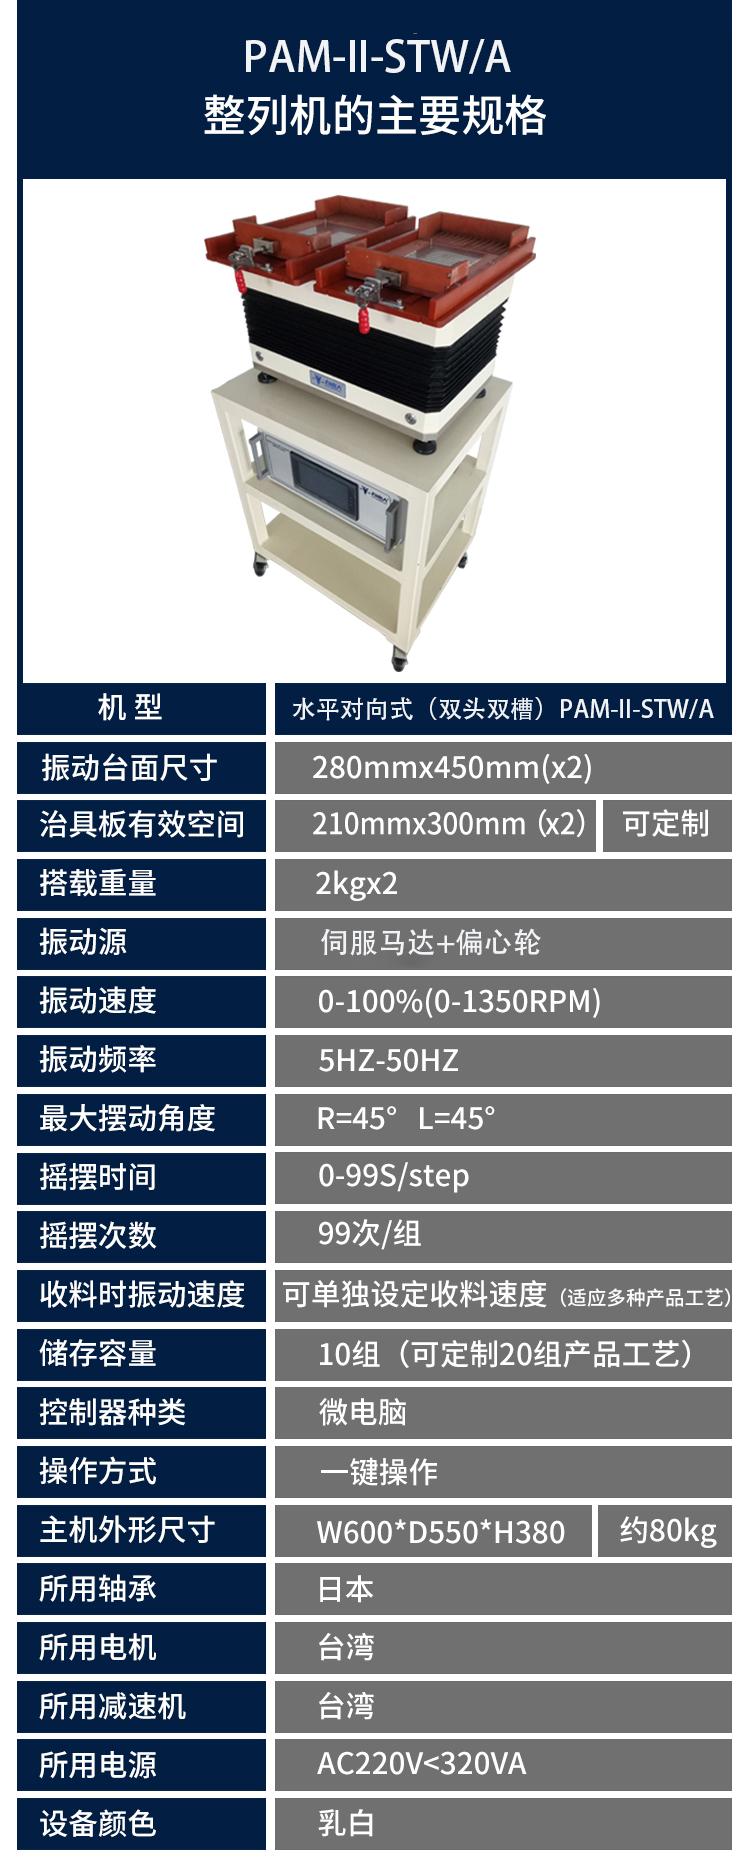 PAM-II-STW A 高精参数表